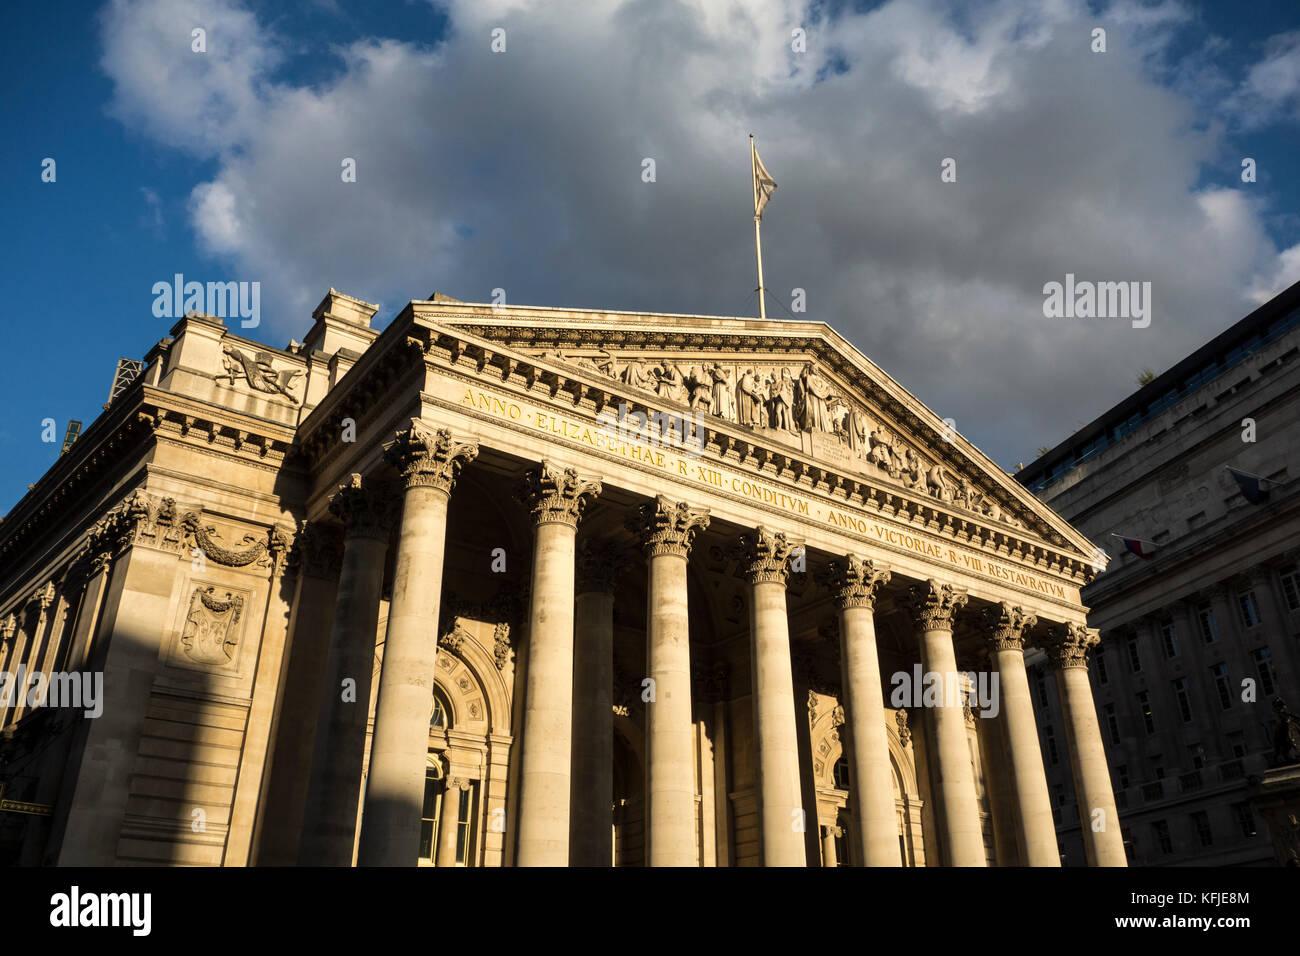 Spalten auf der Royal Exchange, Clity von London, Großbritannien Stockfoto